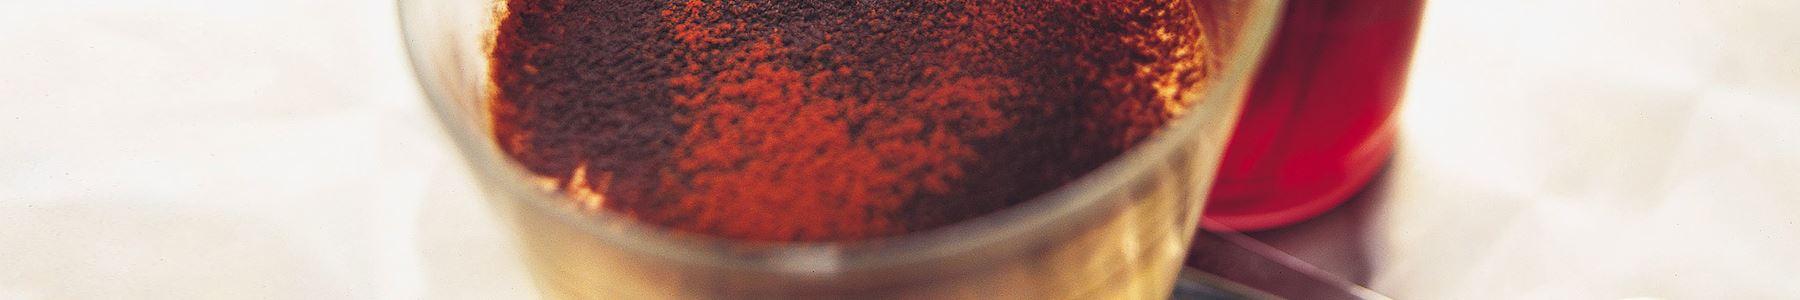 Apelsin + Efterrätt + Tiramisu